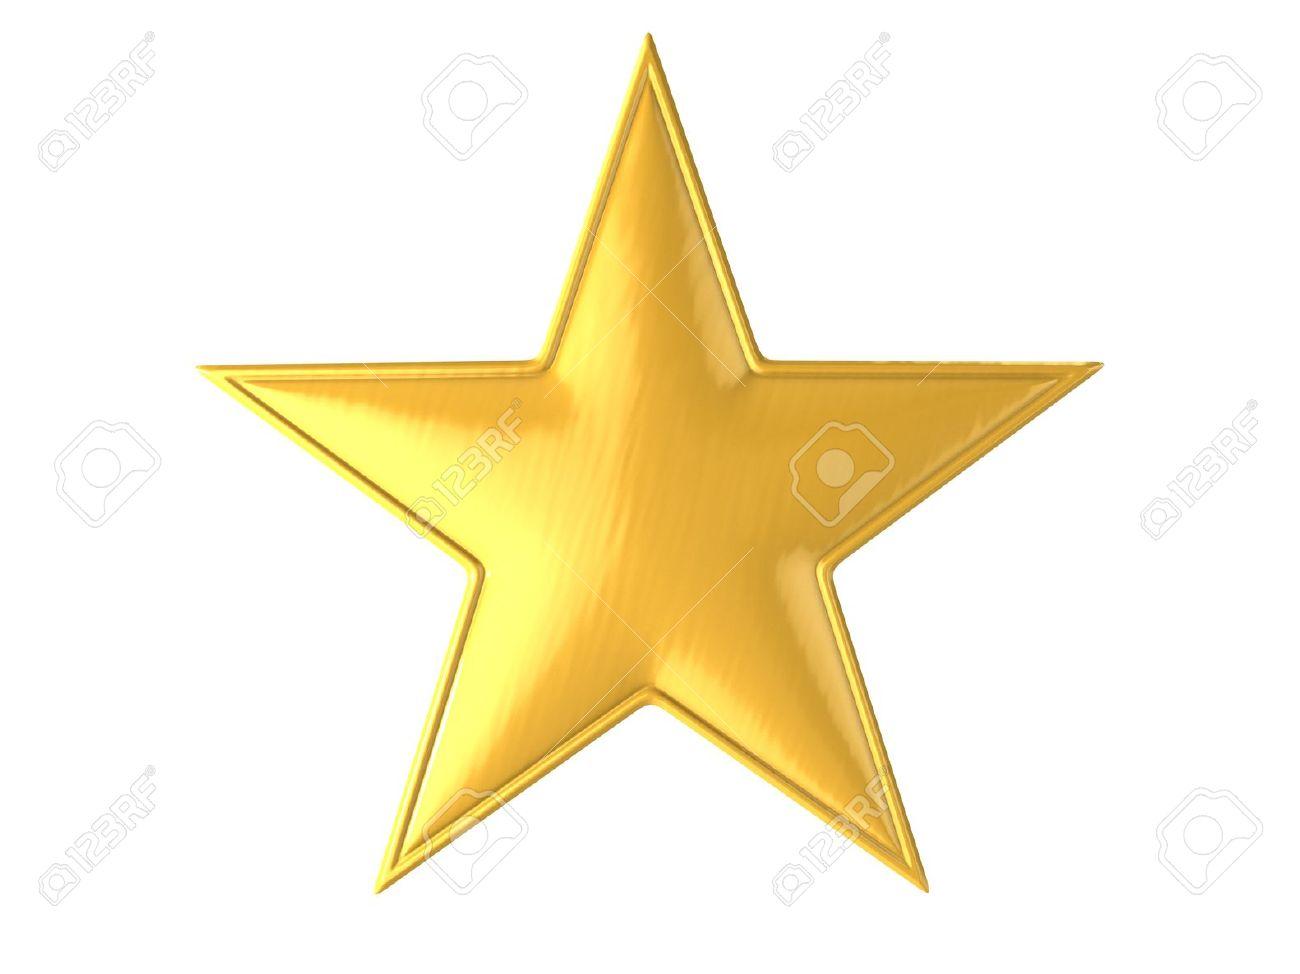 golden star isolated over white background 3d illustration - 12330819